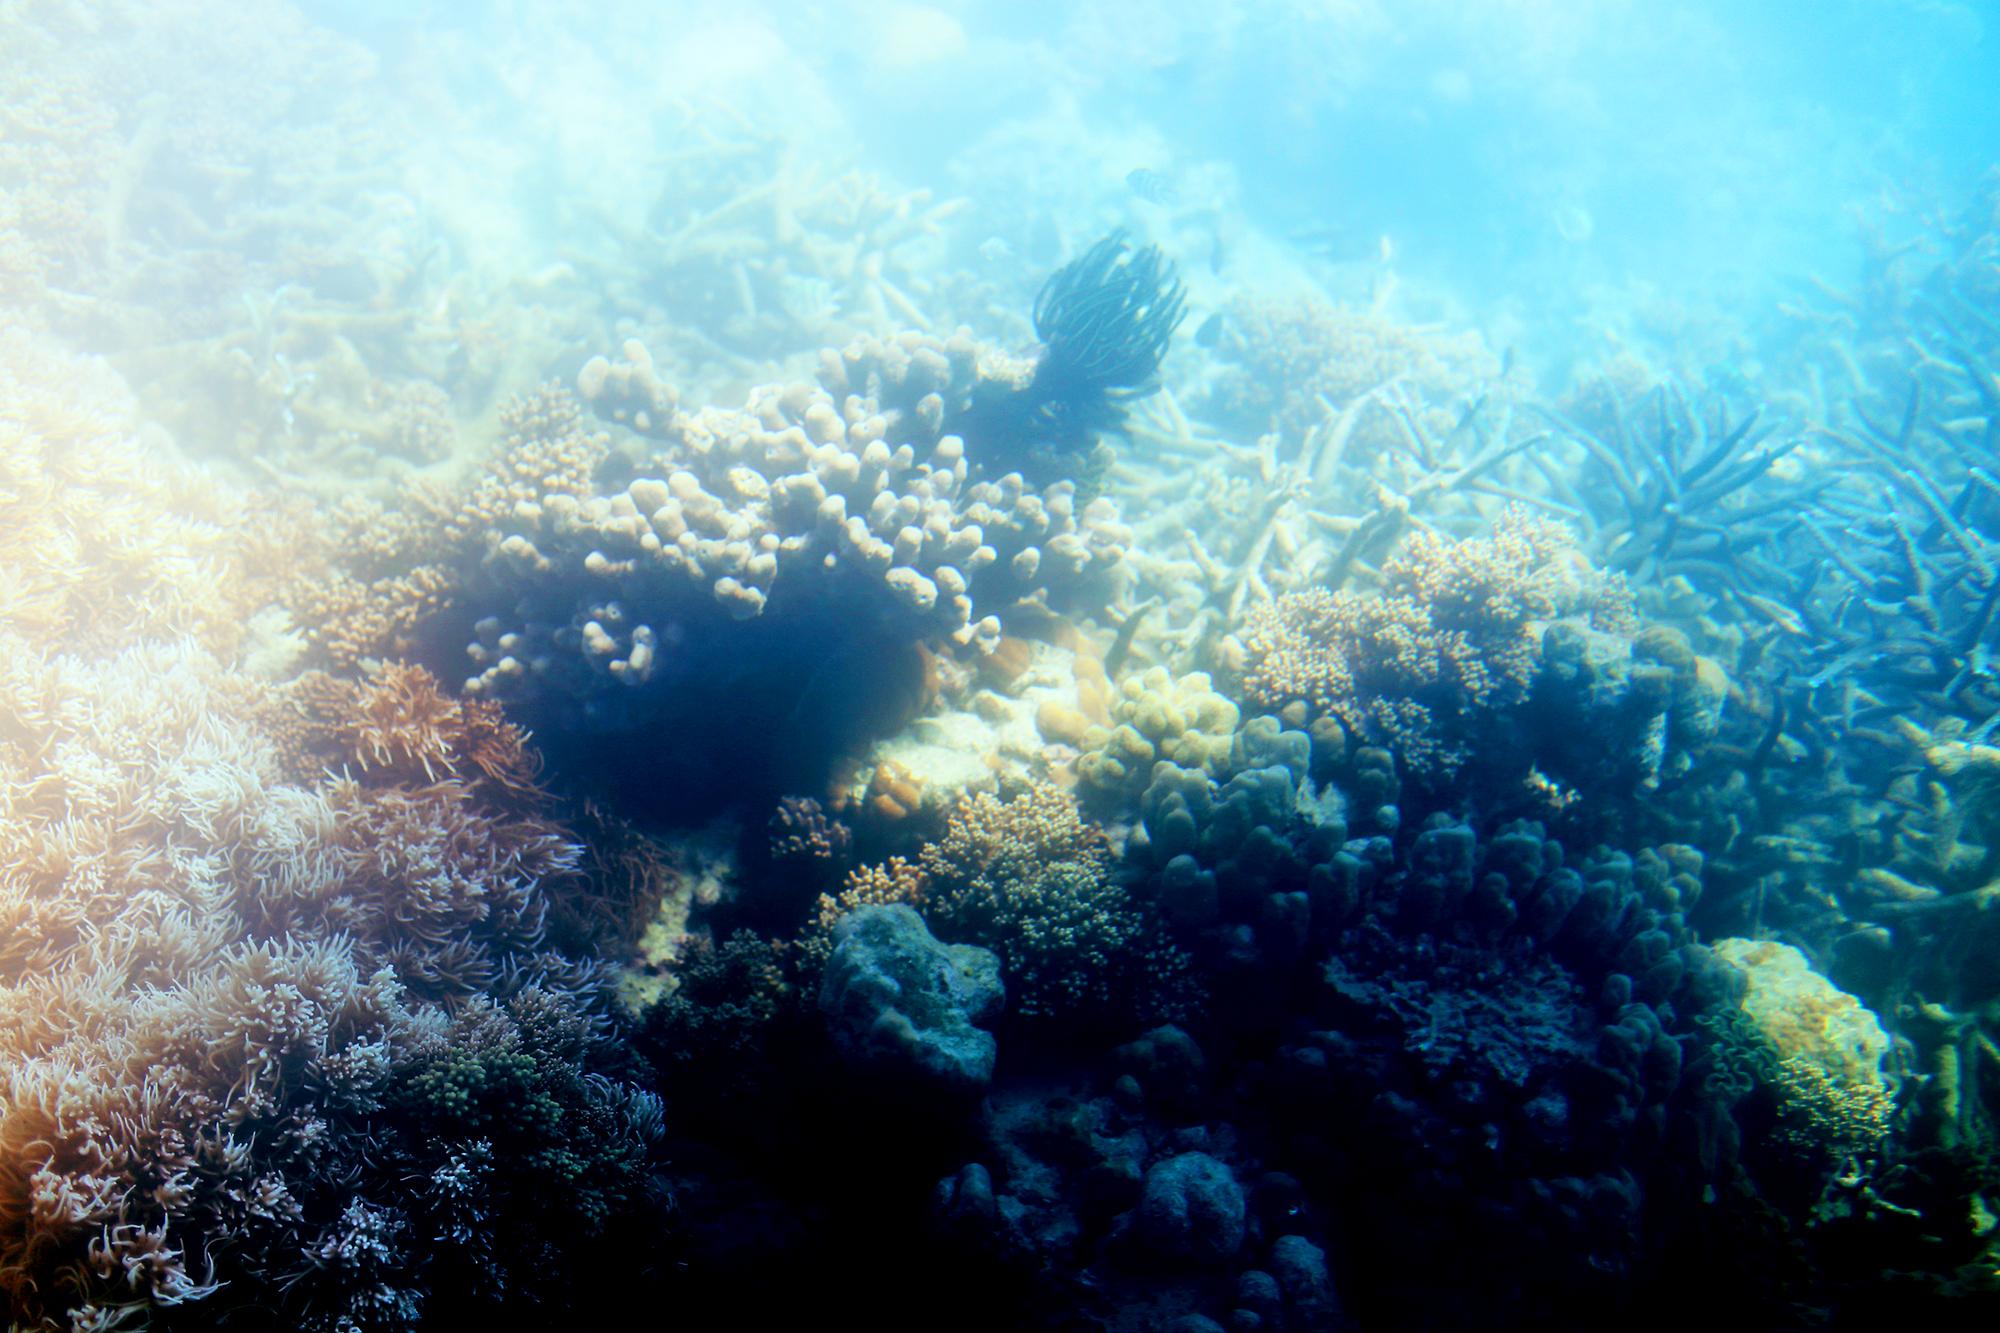 korall stora barriärrevet - sara edström31